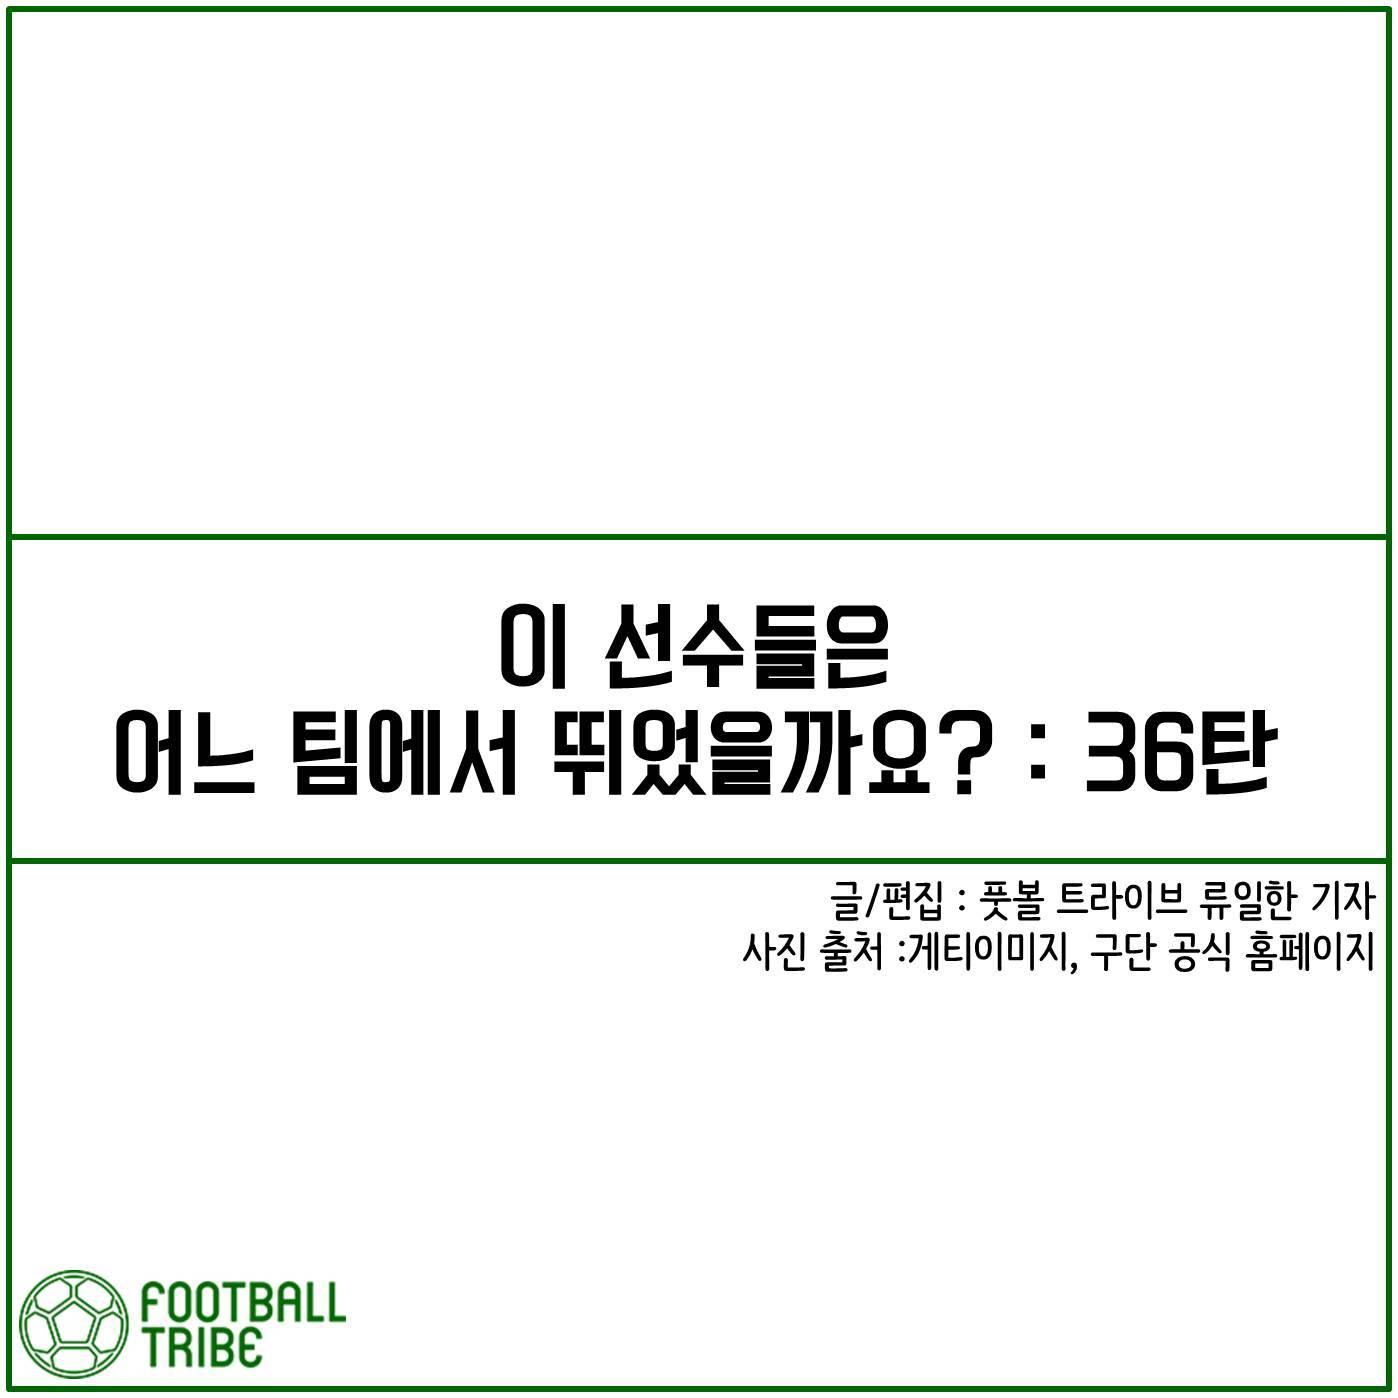 [카드 뉴스] 이 선수들은 어느 팀에서 뛰었을까요?: 36탄